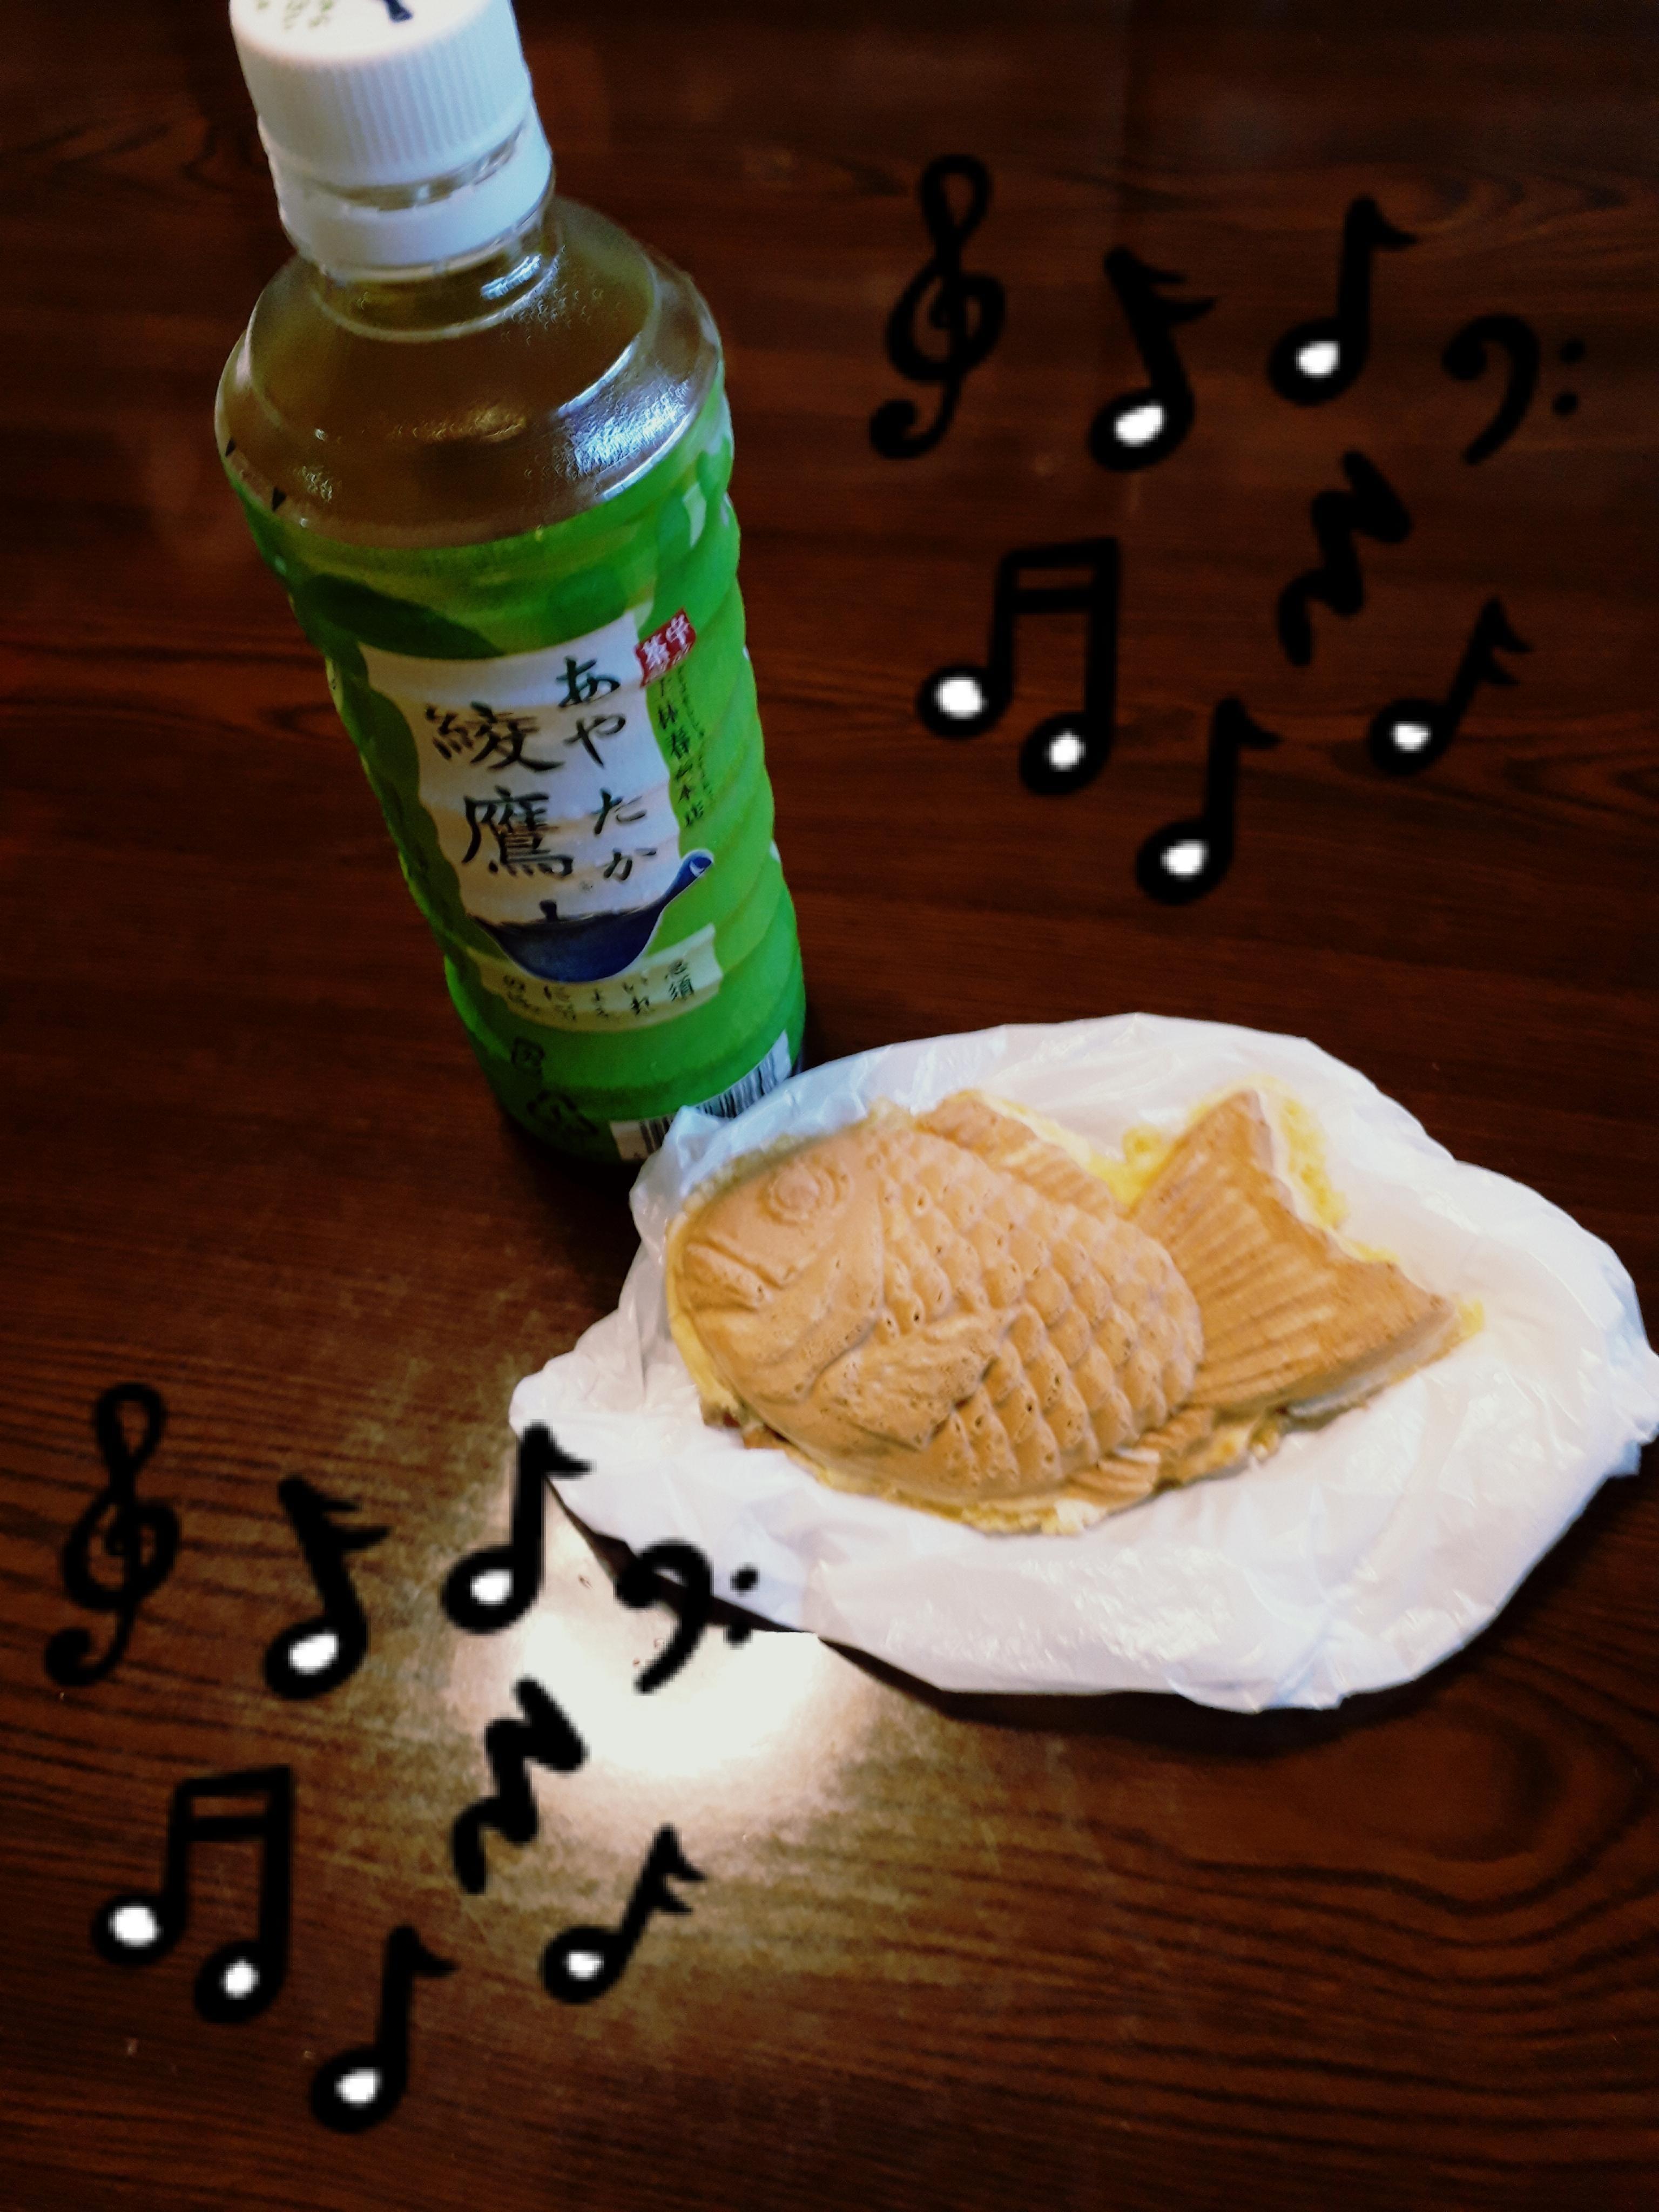 「雨時々曇りですね」06/15(06/15) 12:21 | 鈴木の写メ・風俗動画